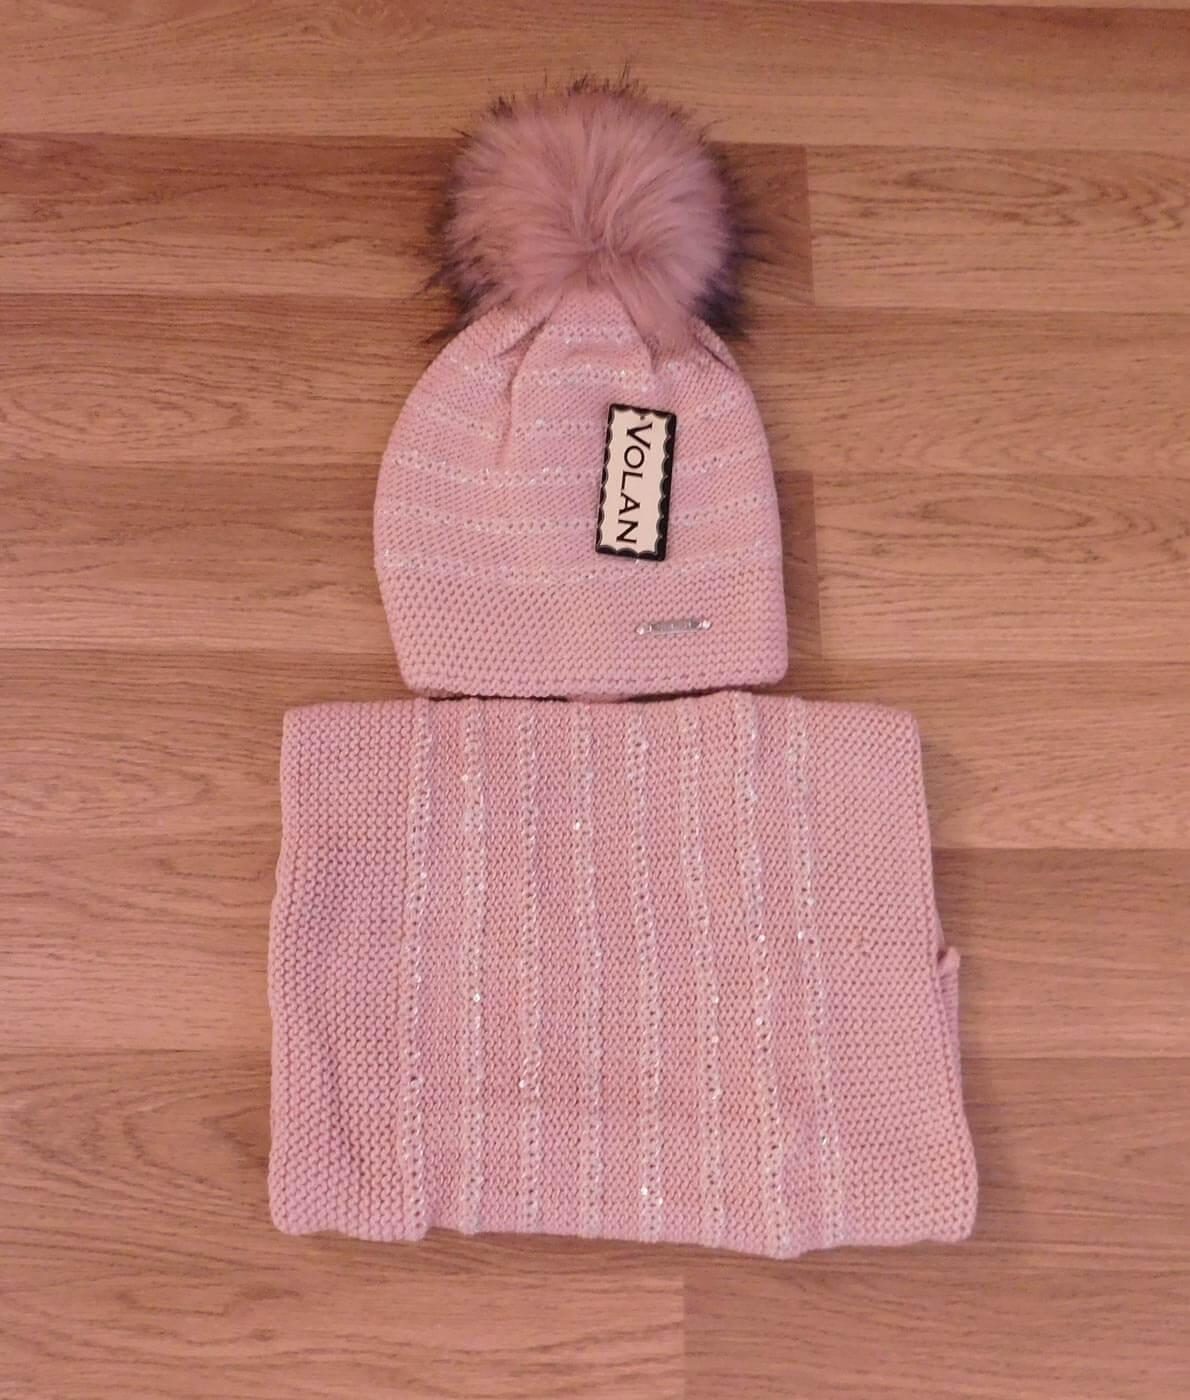 Női bojtos vastag téli sapka + sál szett - SR001 - Rózsaszín c258800ca3